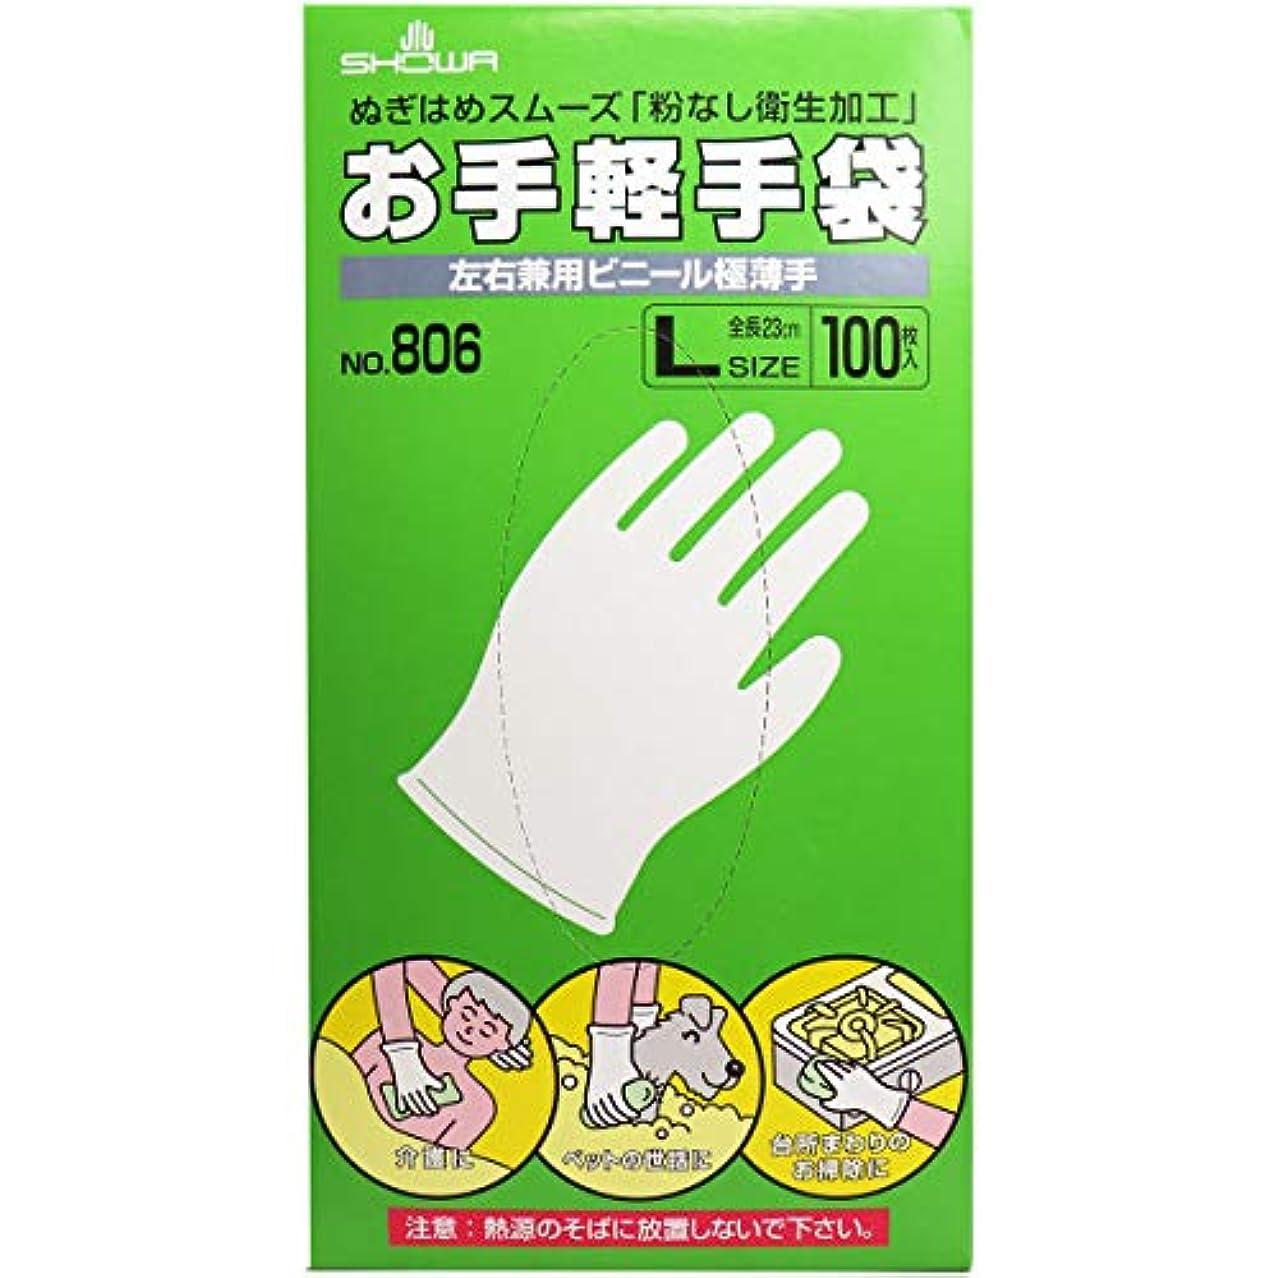 滅多強制的むき出しお手軽手袋 No.806 左右兼用ビニール極薄手 粉なし Lサイズ 100枚入×2個セット